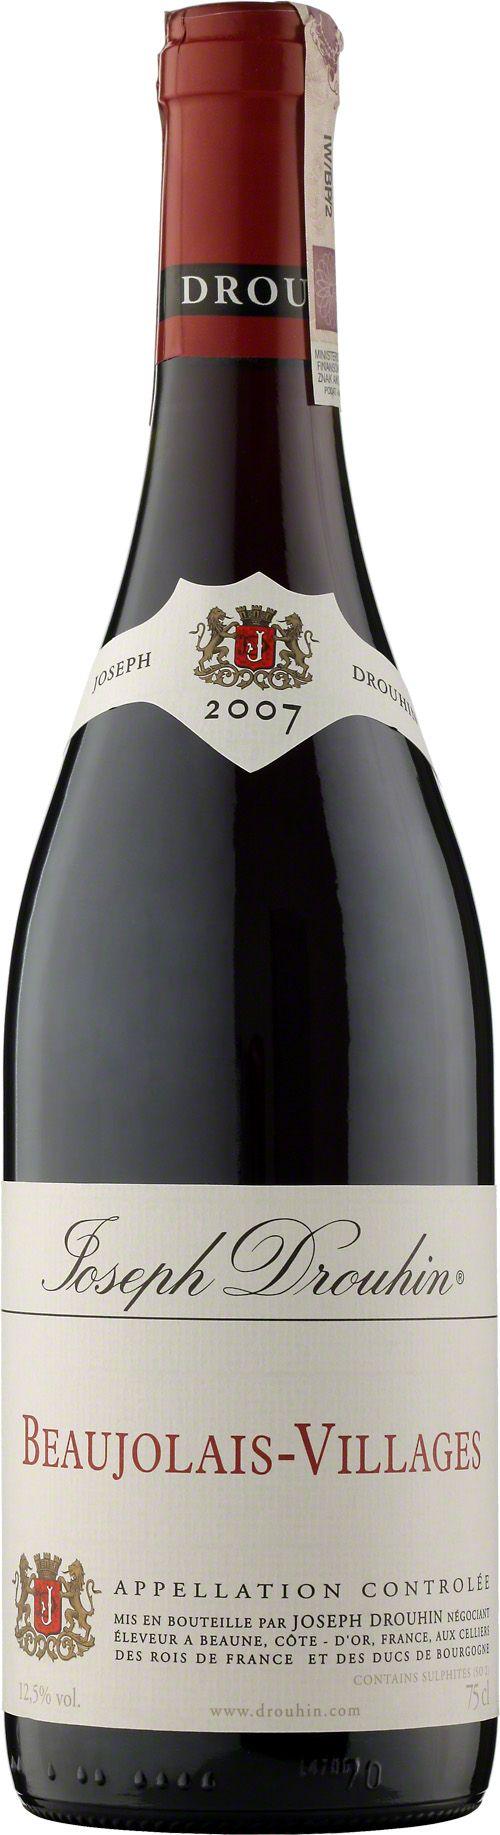 Drouhin Beaujolais-Villages A.O.C. Beaujolais-Villages to lekkie, czerwone wino produkowane w 100% z winogron gamay. Wyróżnia się owocowym aromatem wiśni, śliwek, malin, truskawek i bananów. Czasami pojawia się aromat fiołków. Powinno się je spożywać gdy jest młode i lekko schłodzone. Jedno z najlepszych win apelacji Beaujolais Villages. #Wino #Winezja #Burgundia